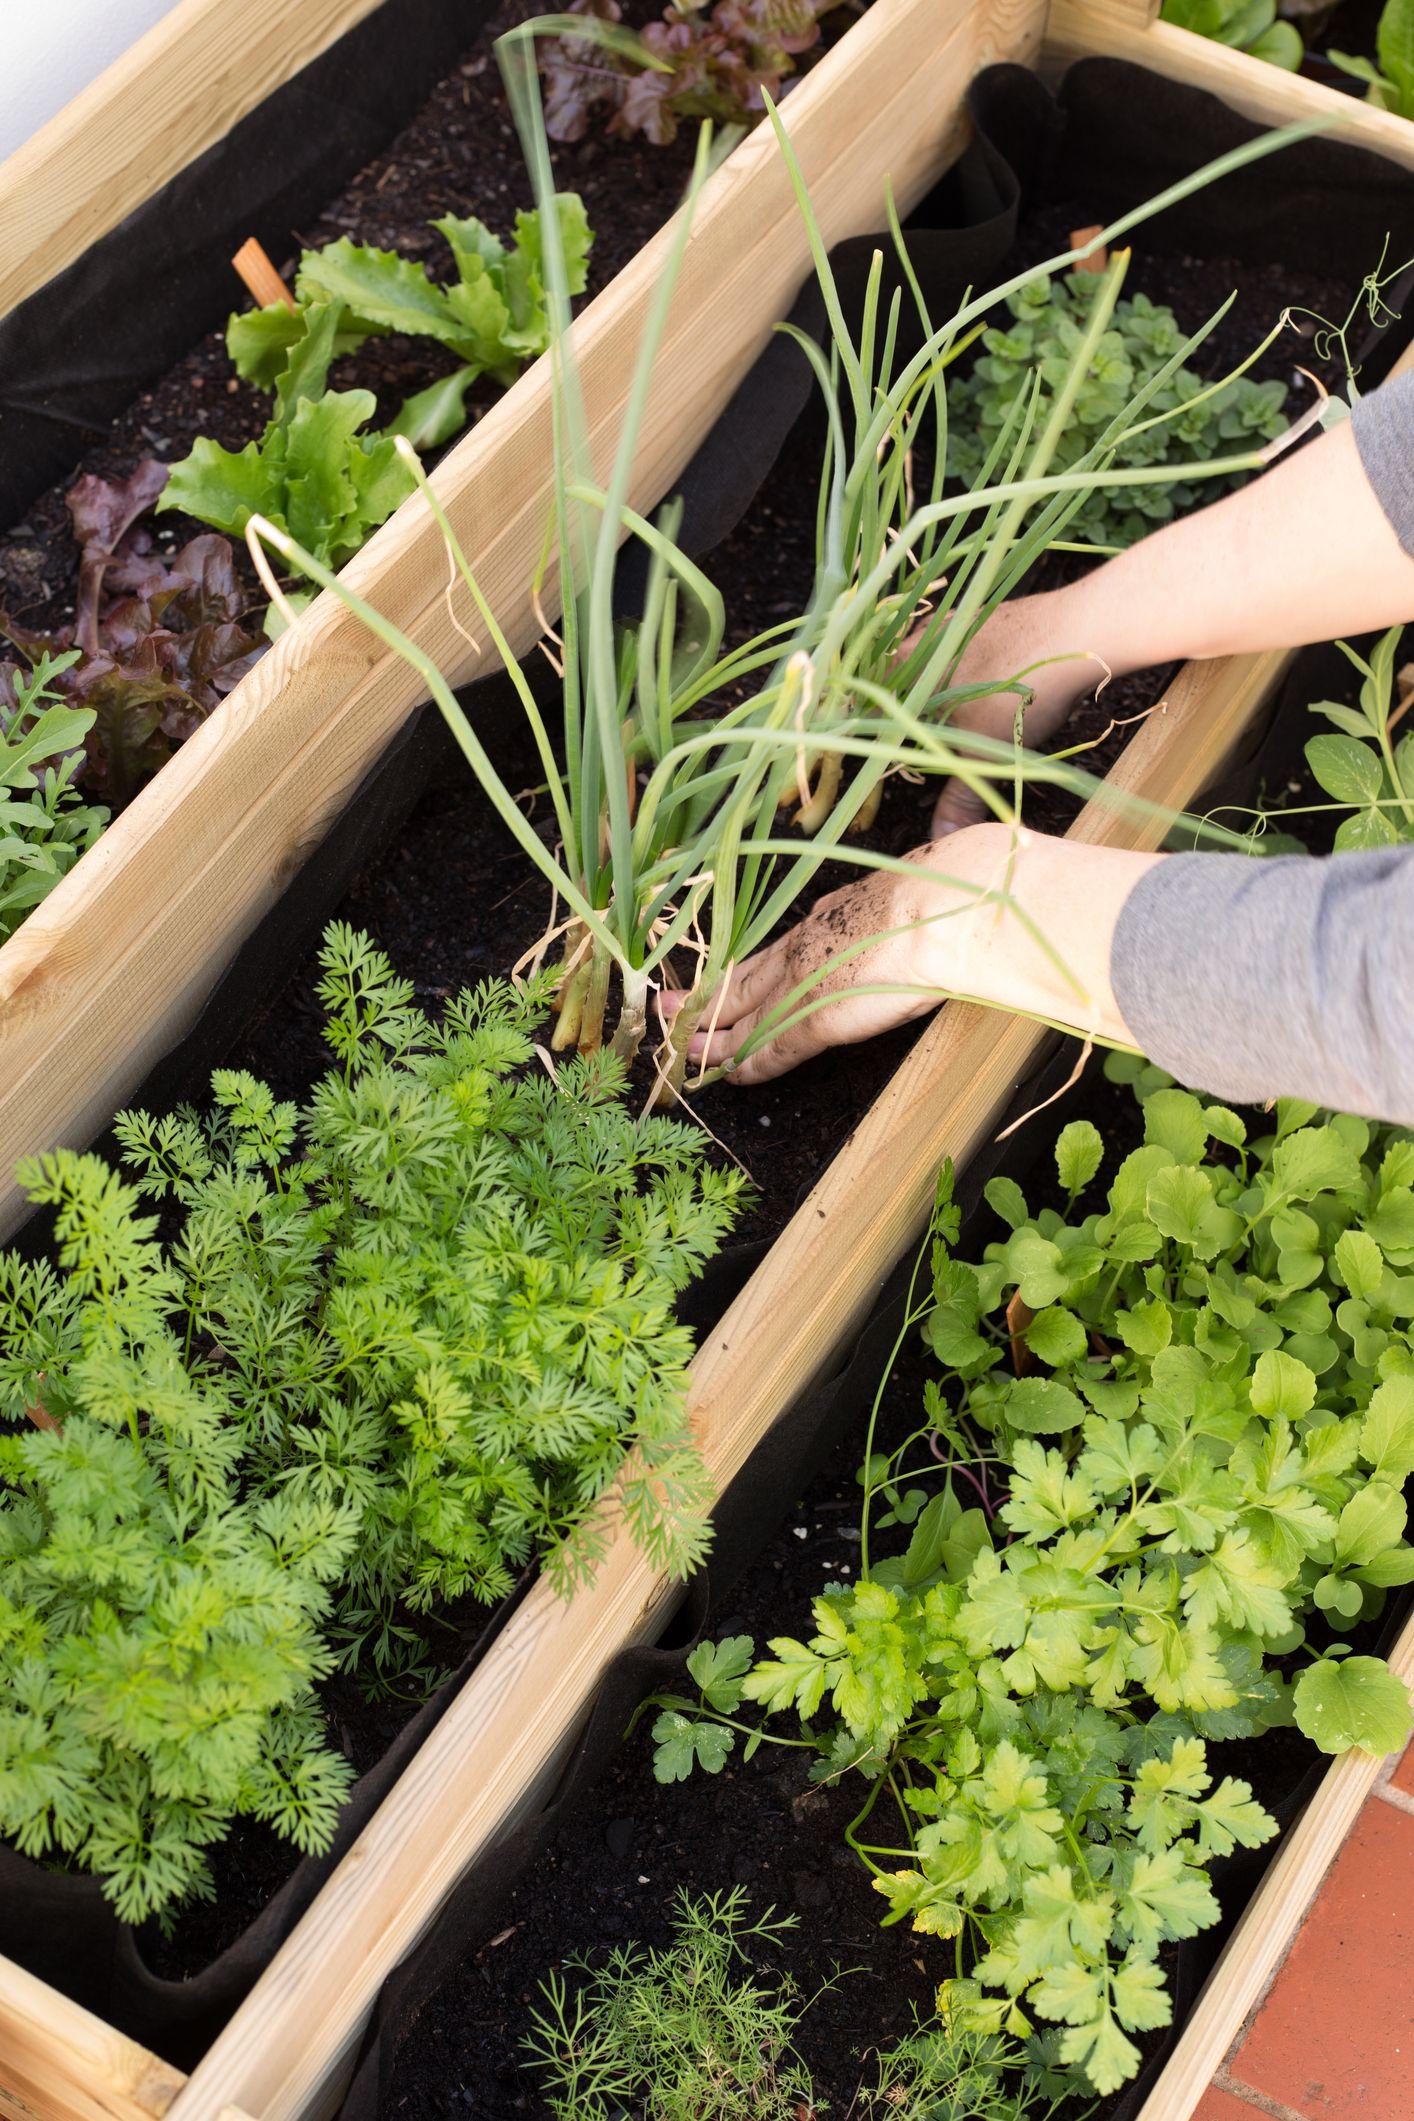 Woman tending to home vegetable garden